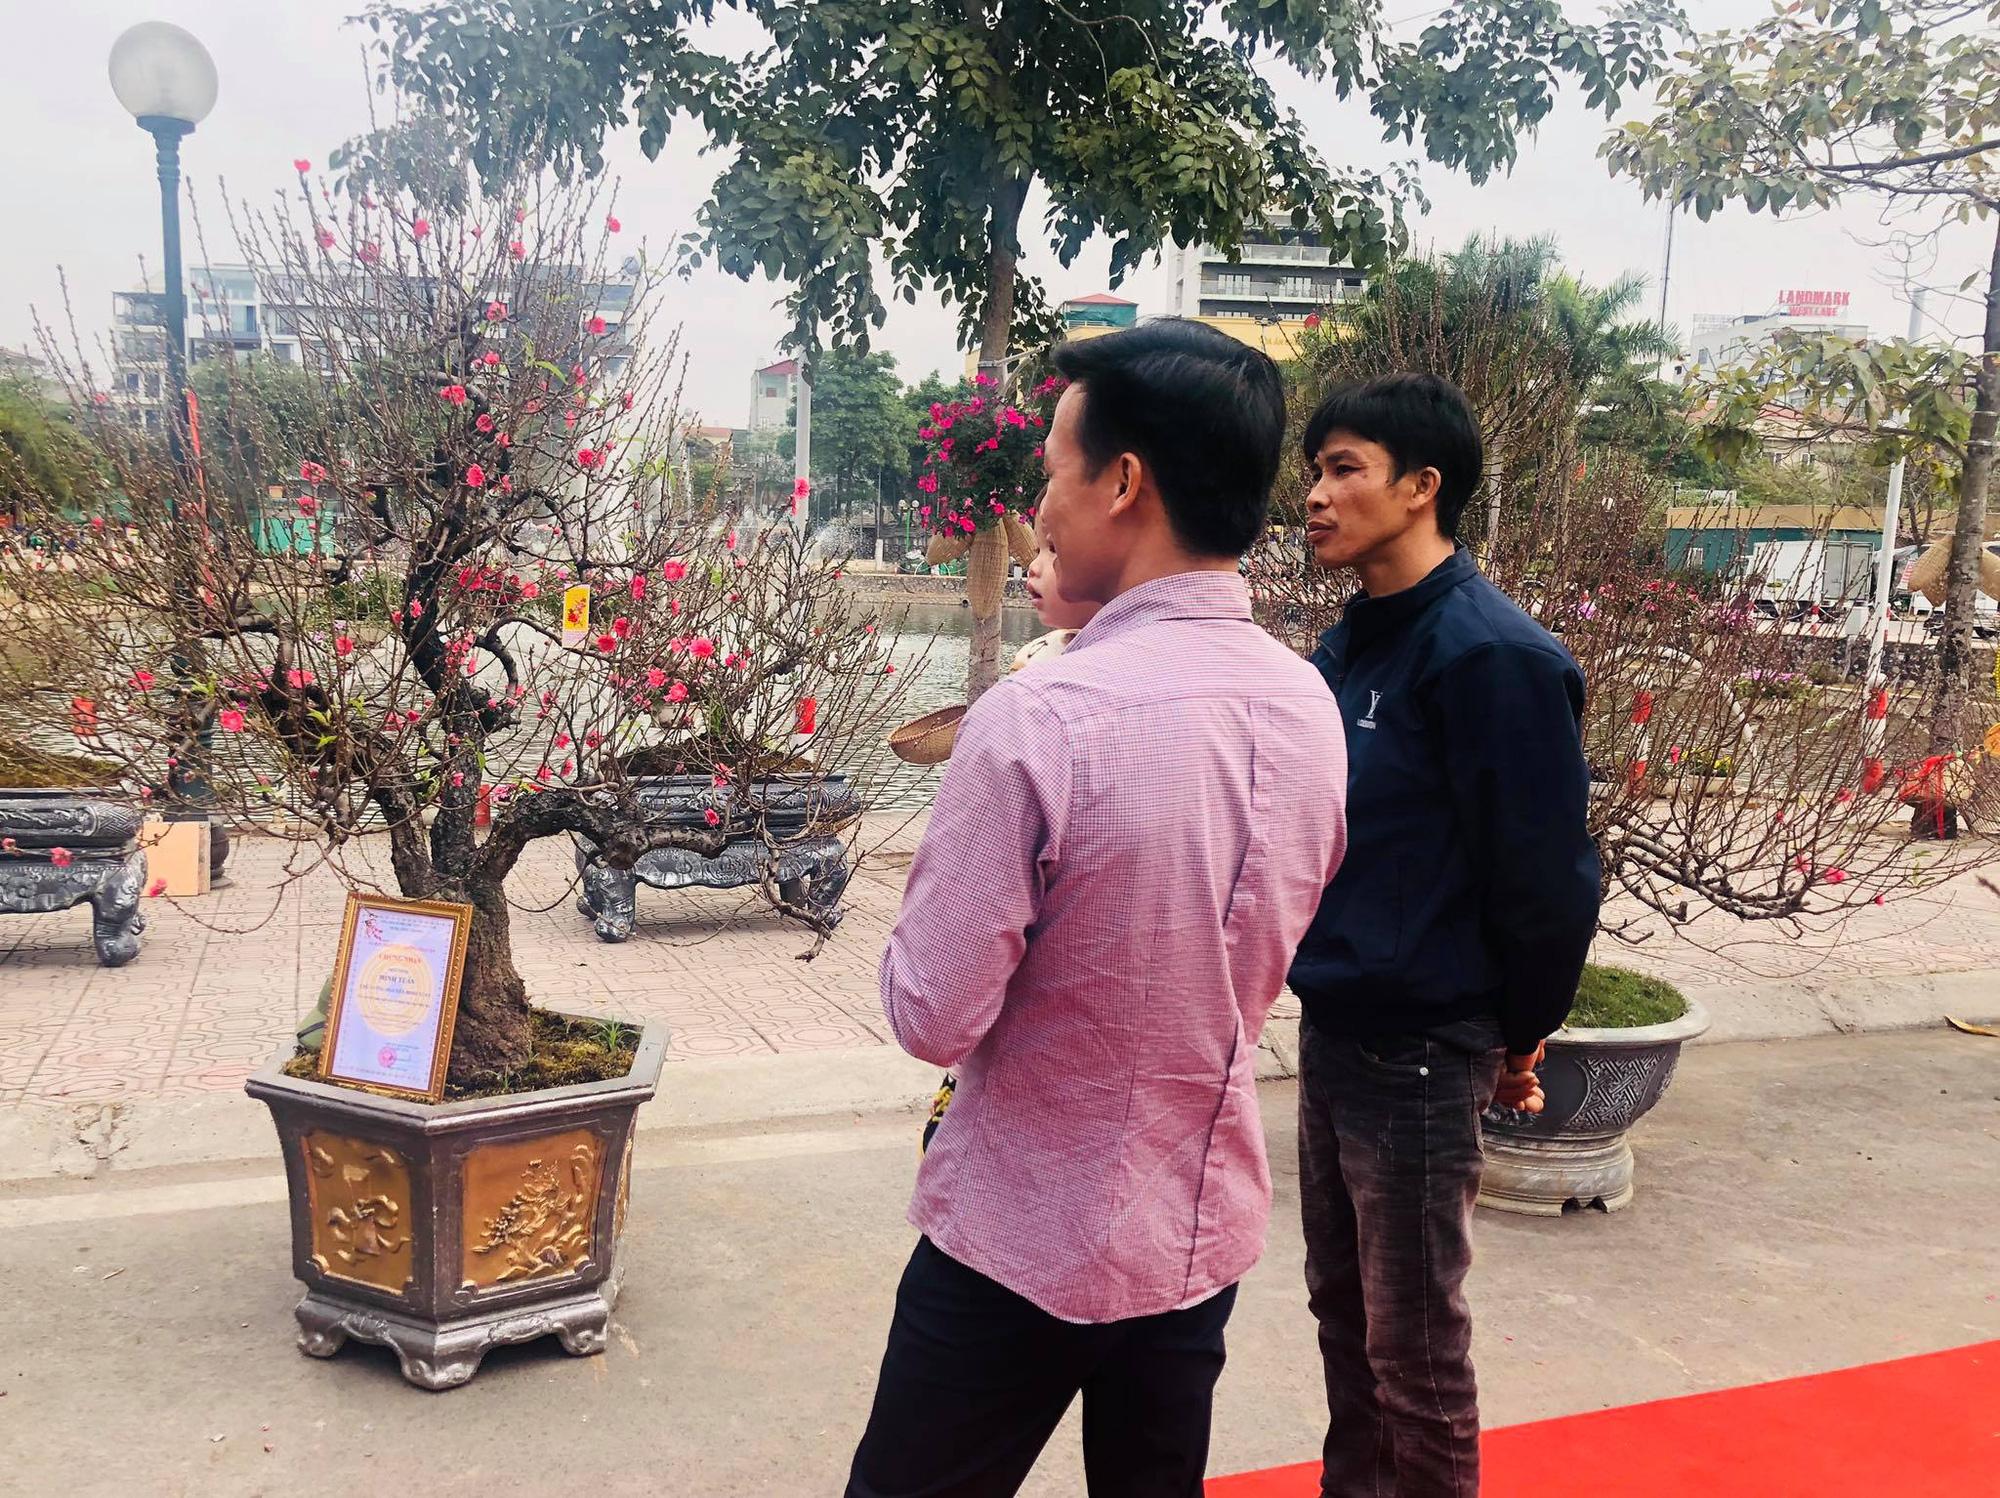 Trưng bày Đào độc, lạ trị giá 50 triệu đồng tại Lễ hội hoa đào Nhật Tân - Ảnh 6.